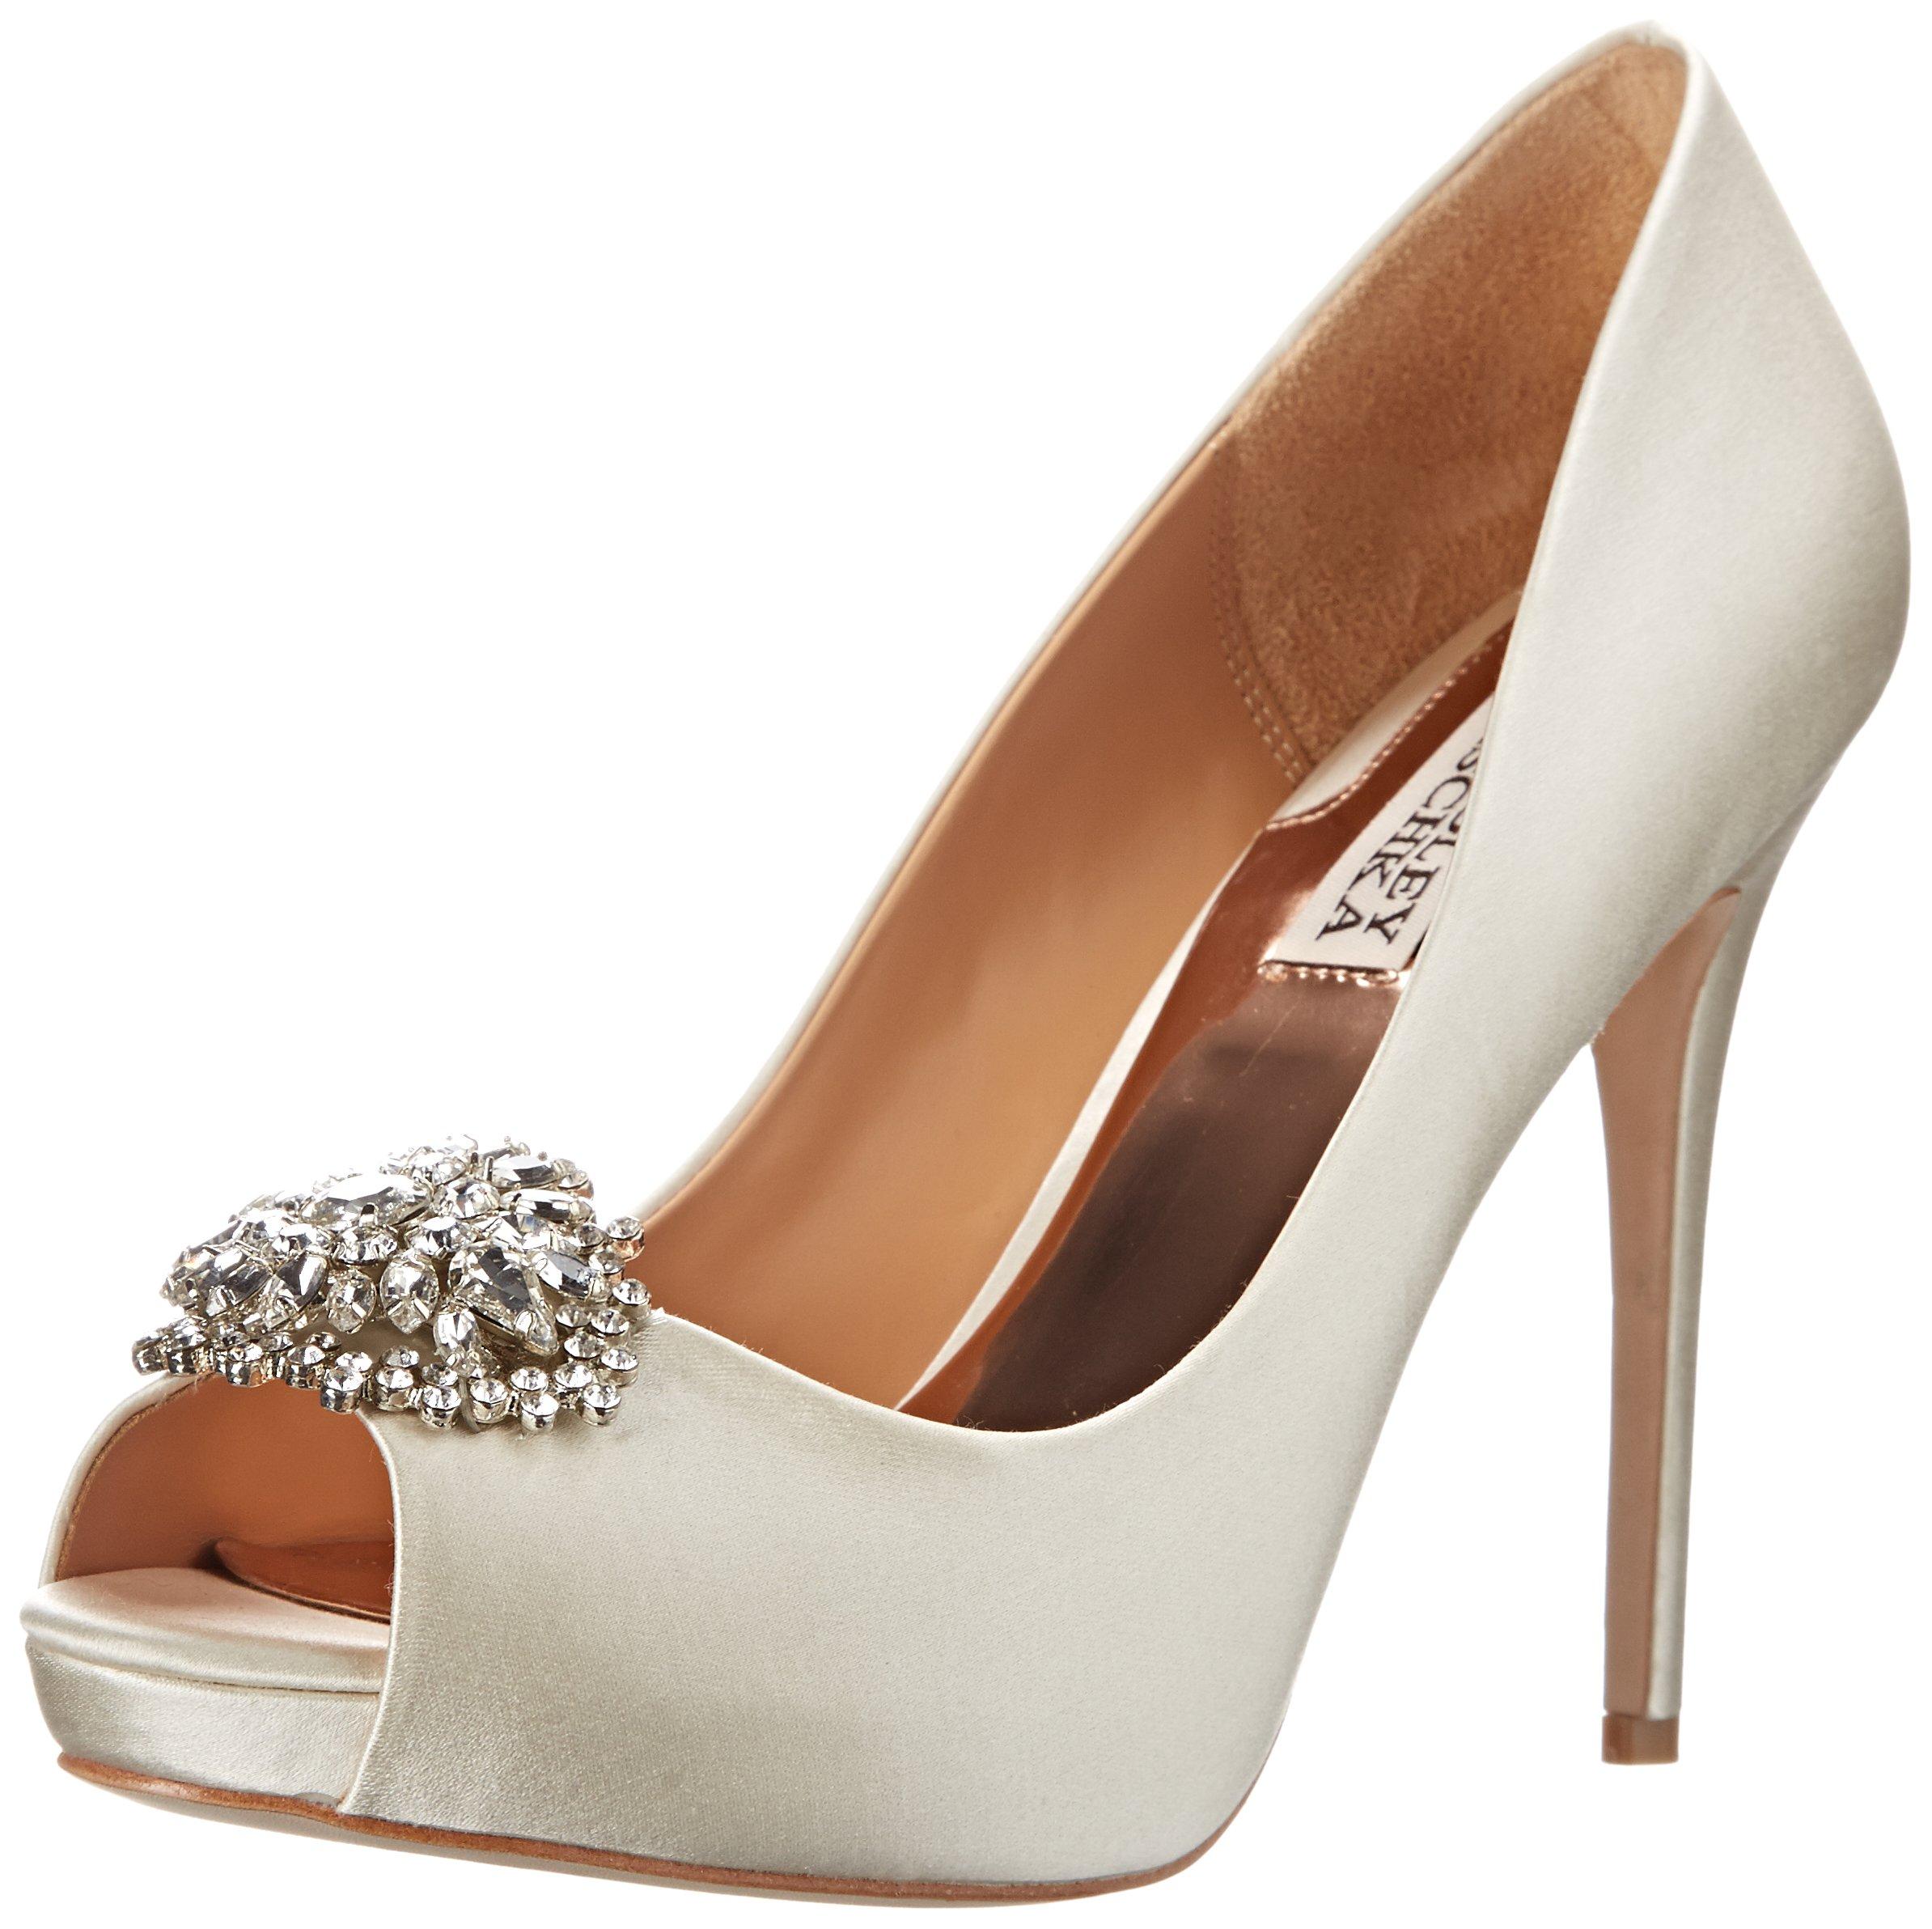 Badgley Mischka New Ivory Women Shoe Size 10M Jeannie Pump by Badgley Mischka